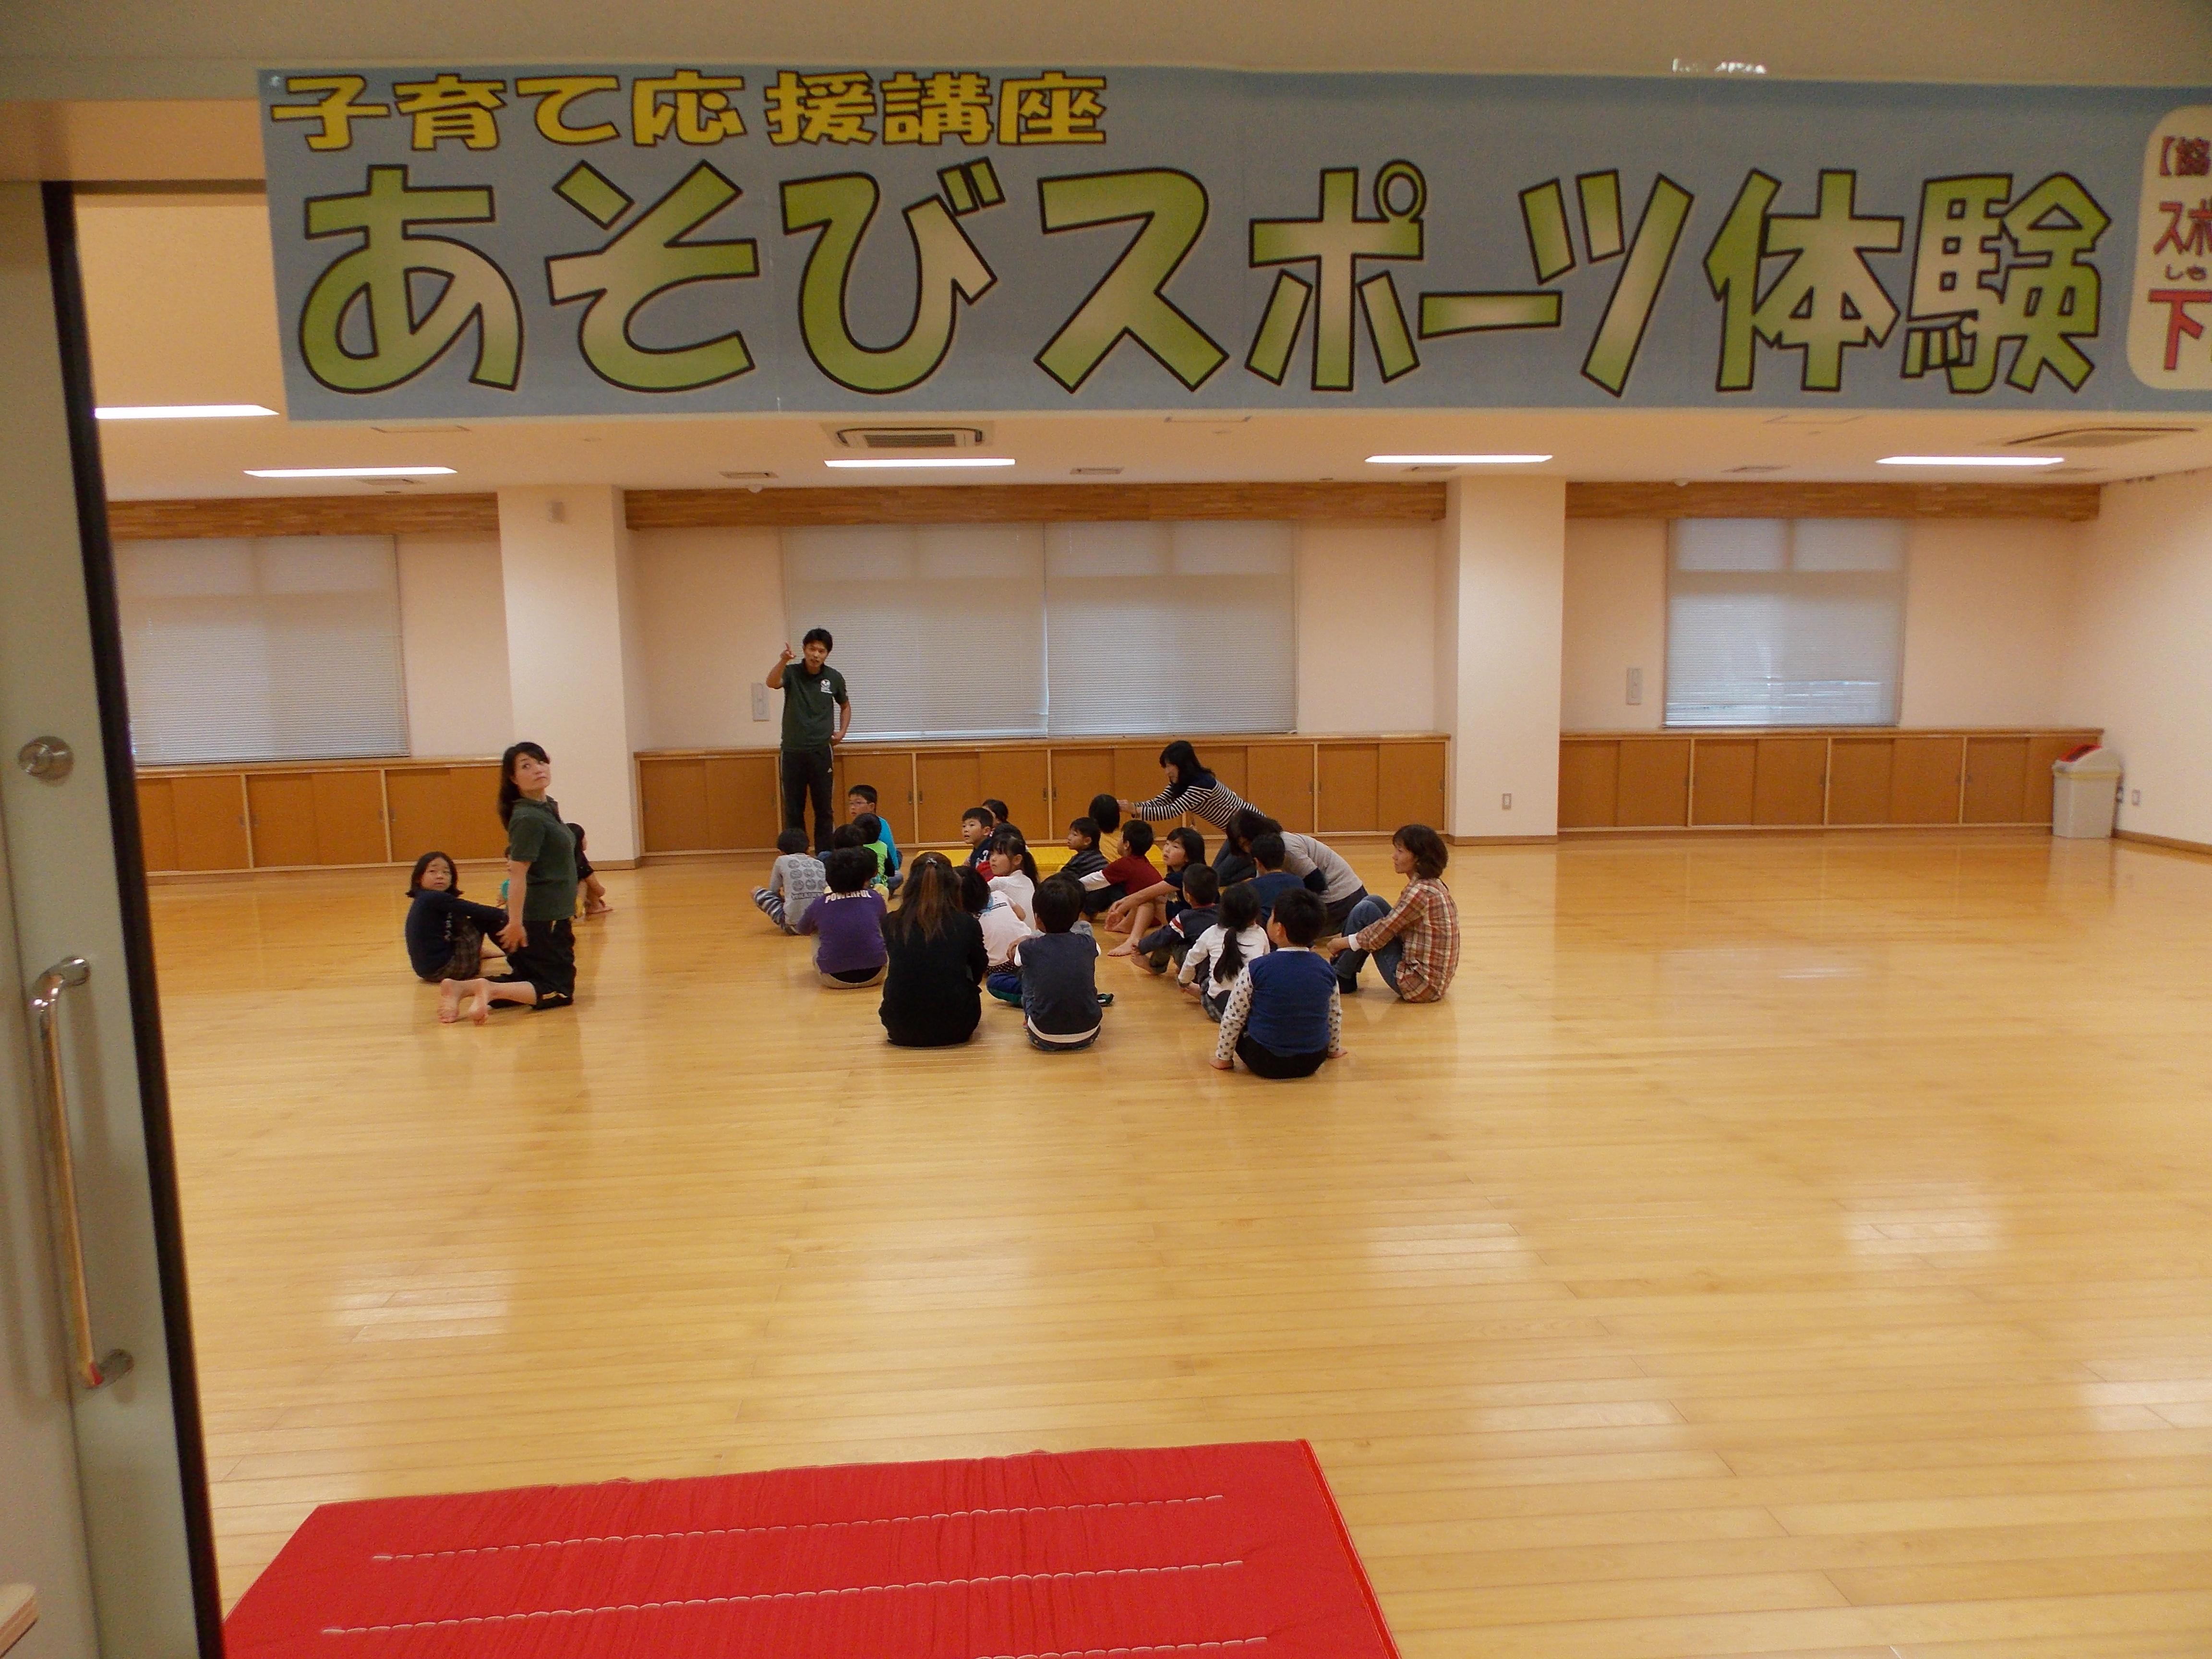 20141101あそびスポーツ体験 (22)